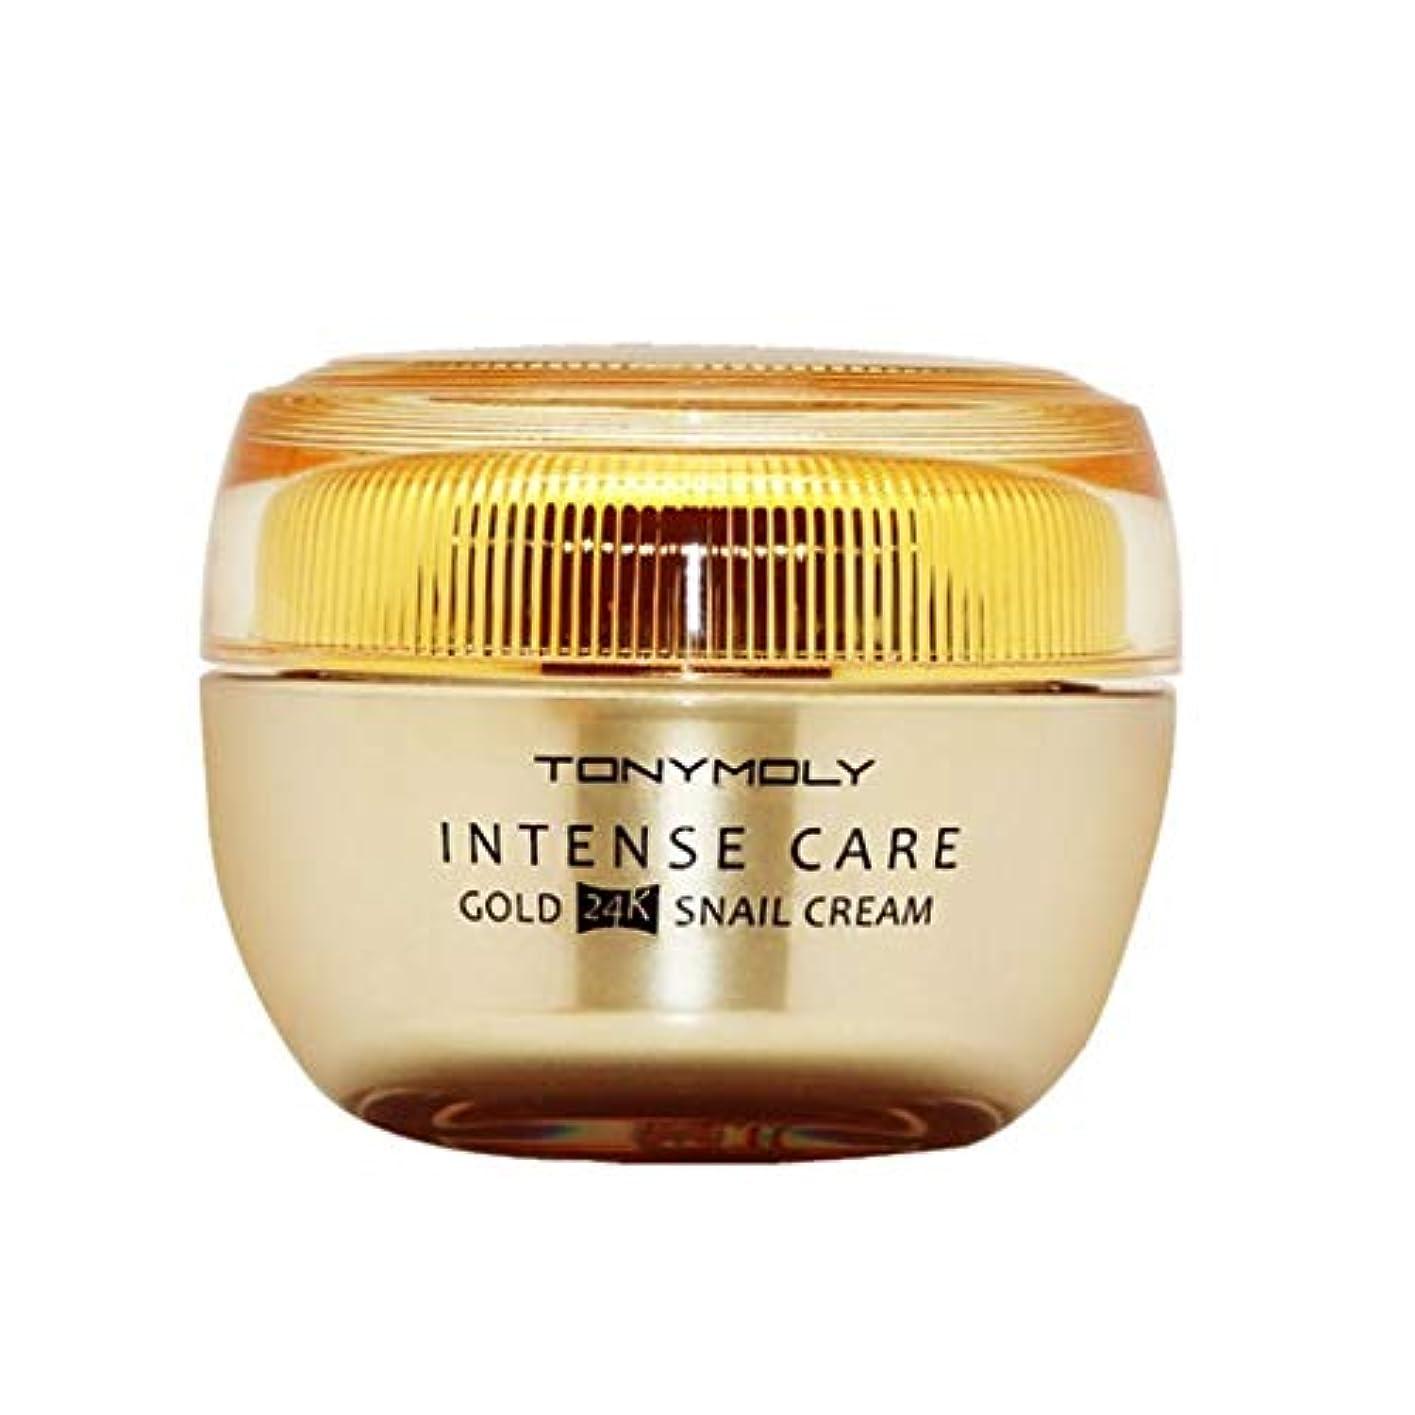 インディカたらい防腐剤トニーモリーインテンスケアゴールド24Kスネールクリーム45ml x 2本セット美白、シワ改善クリーム、Tonymoly Intense Care Gold 24K Snail Cream 45ml x 2ea Set...